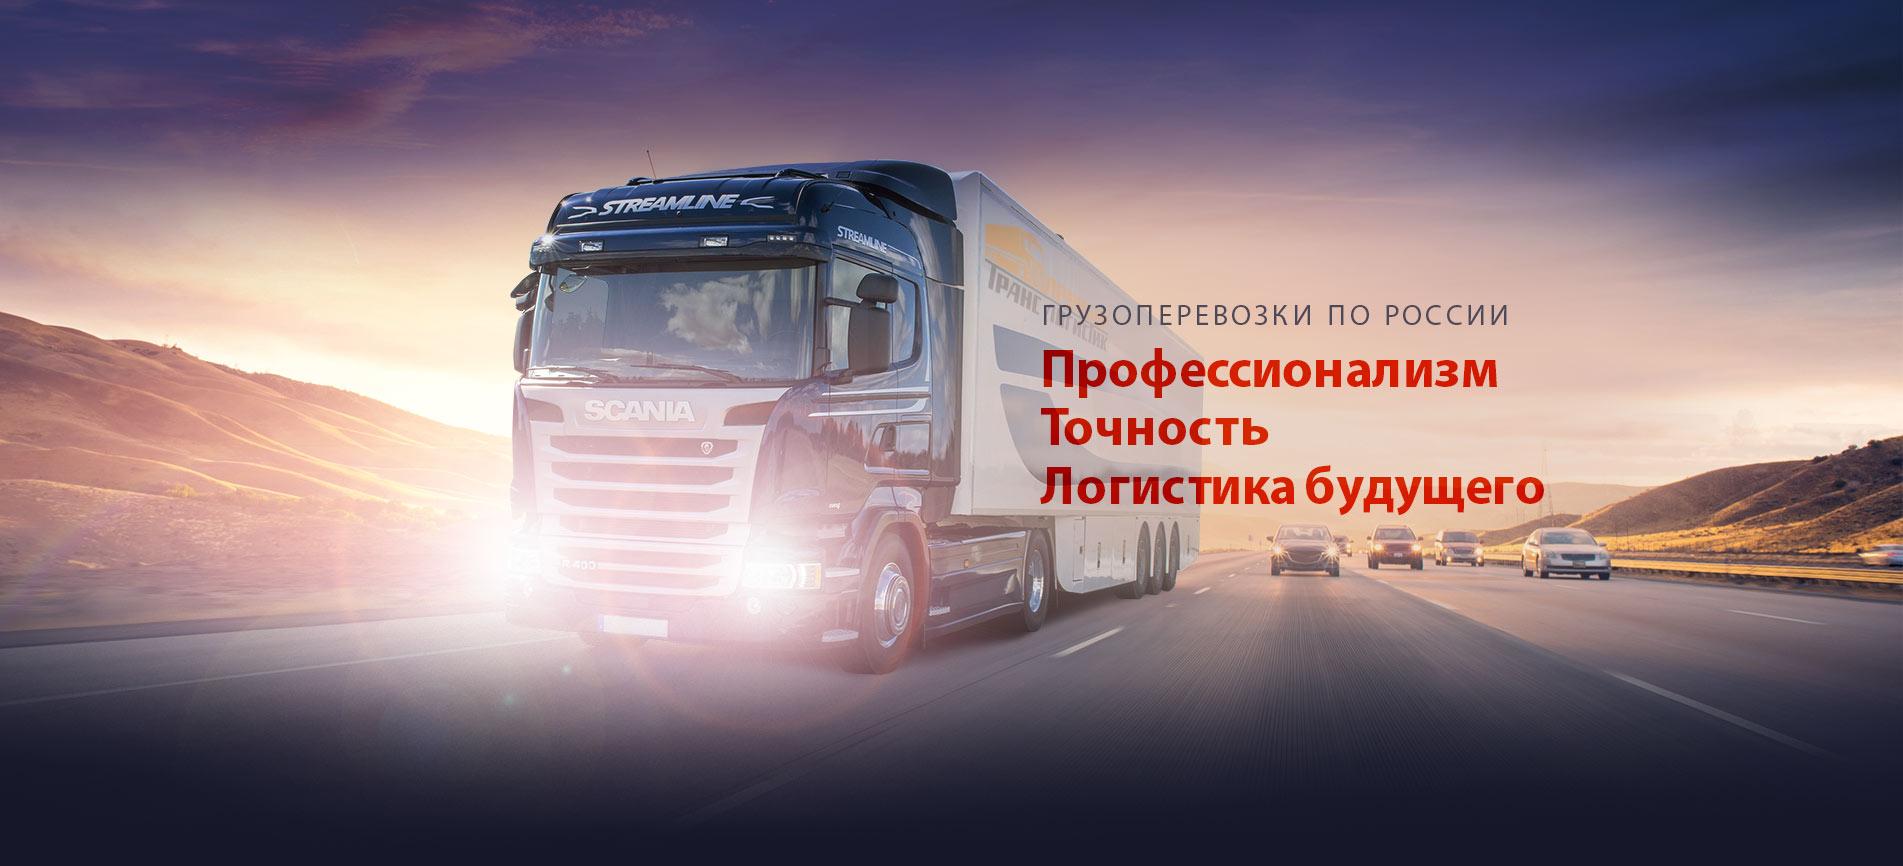 Транс лидер транспортная компания отзывы